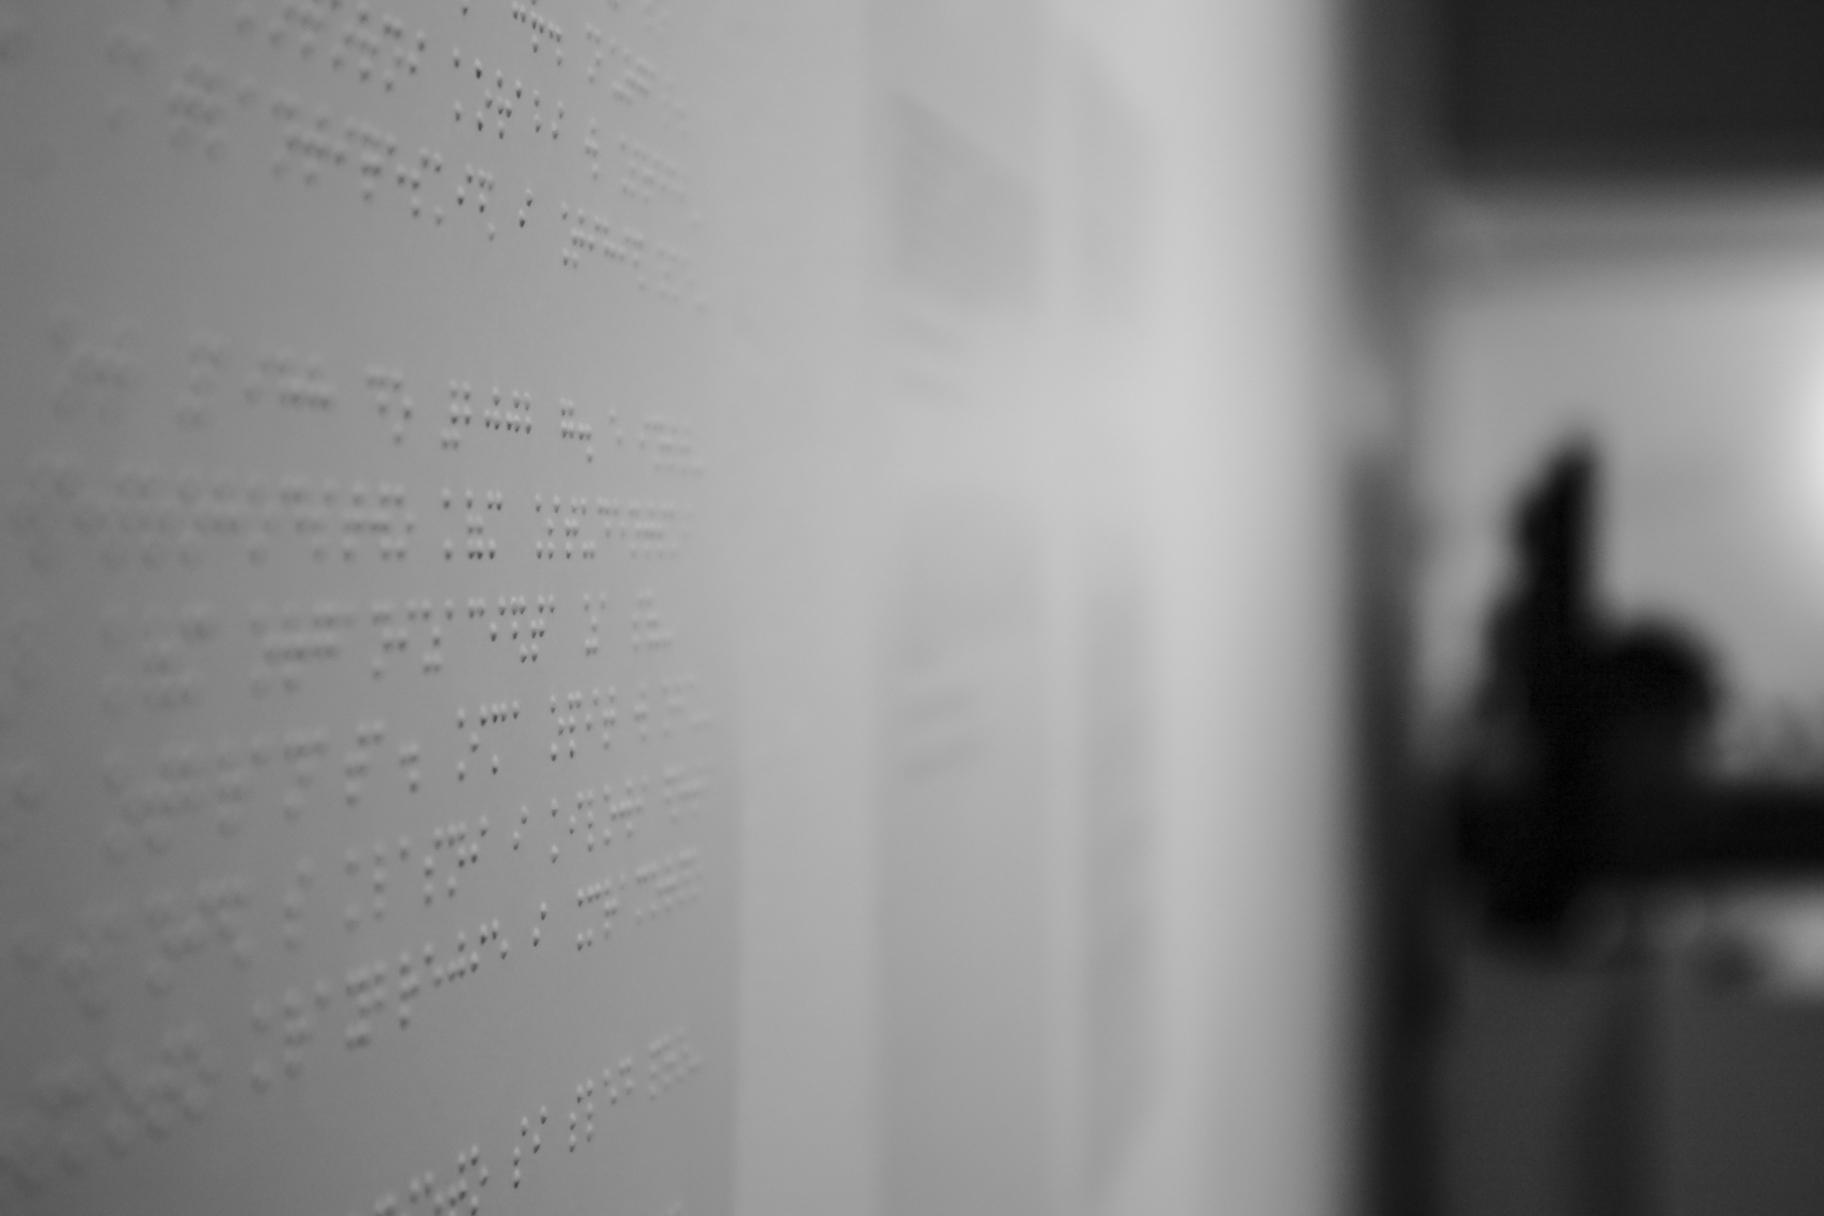 Снимка от изложбата с посетители 1